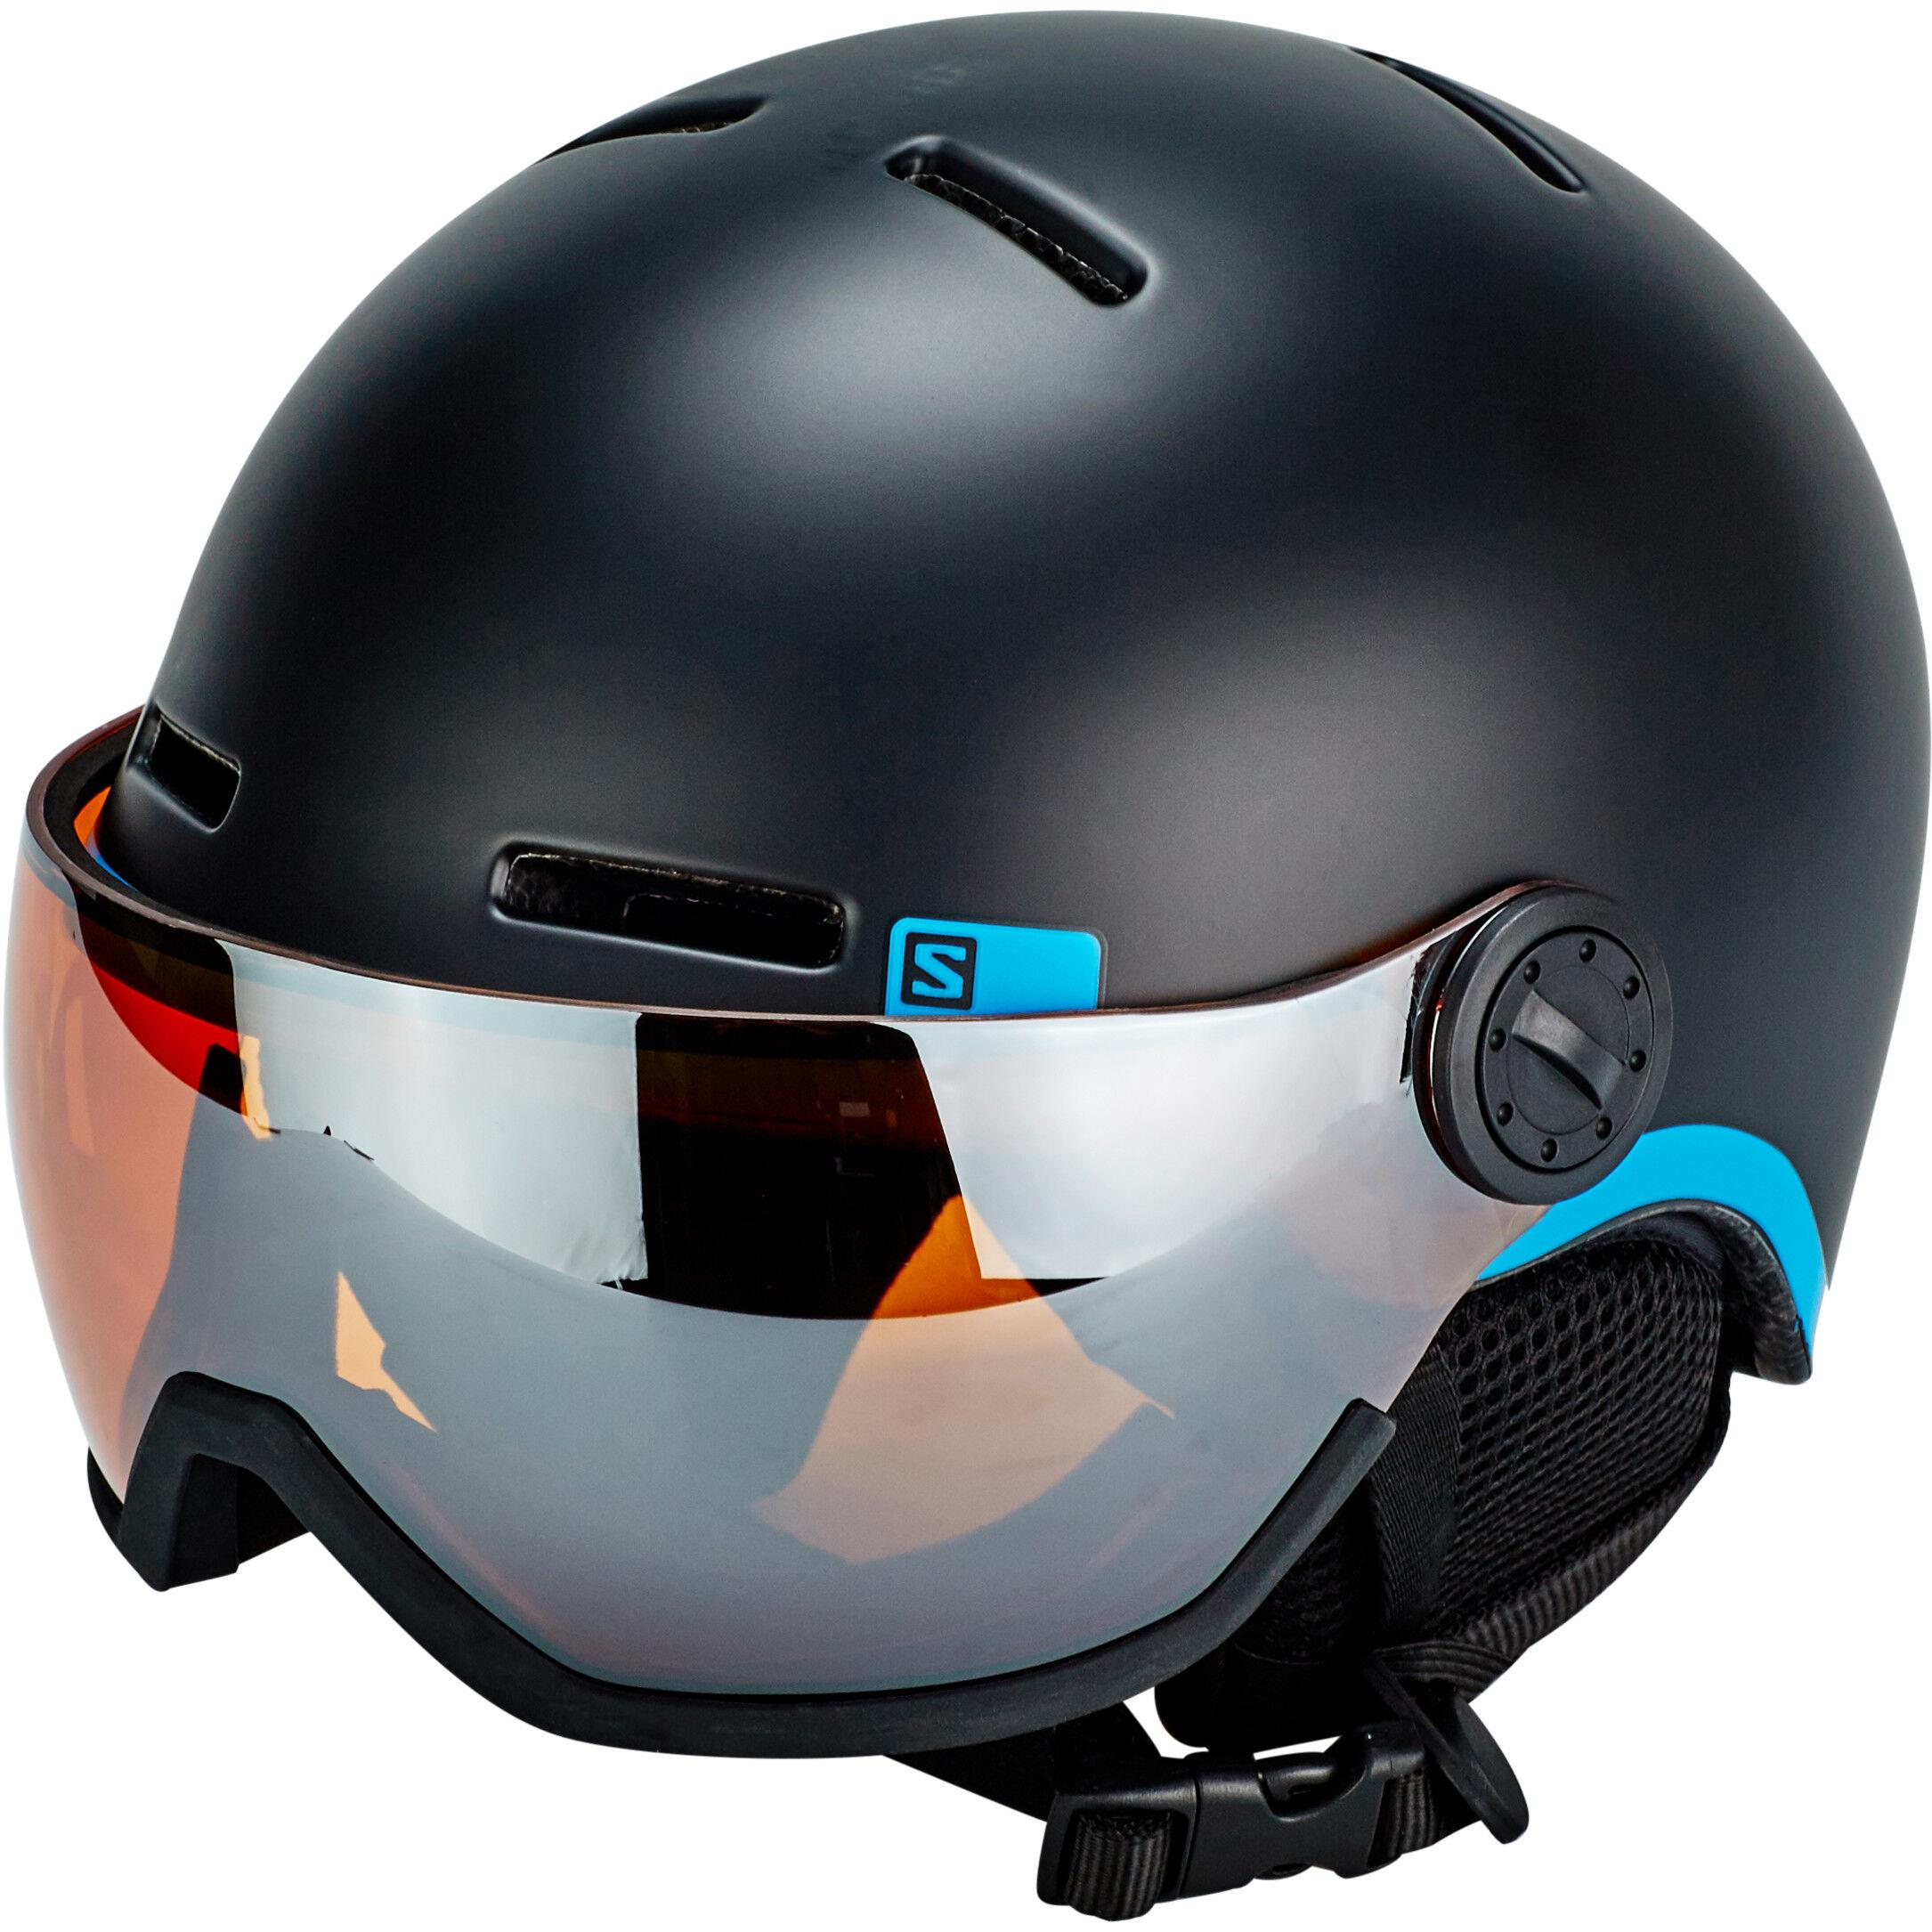 Salomon Skihelm & Snowboardhelm günstig online kaufen |